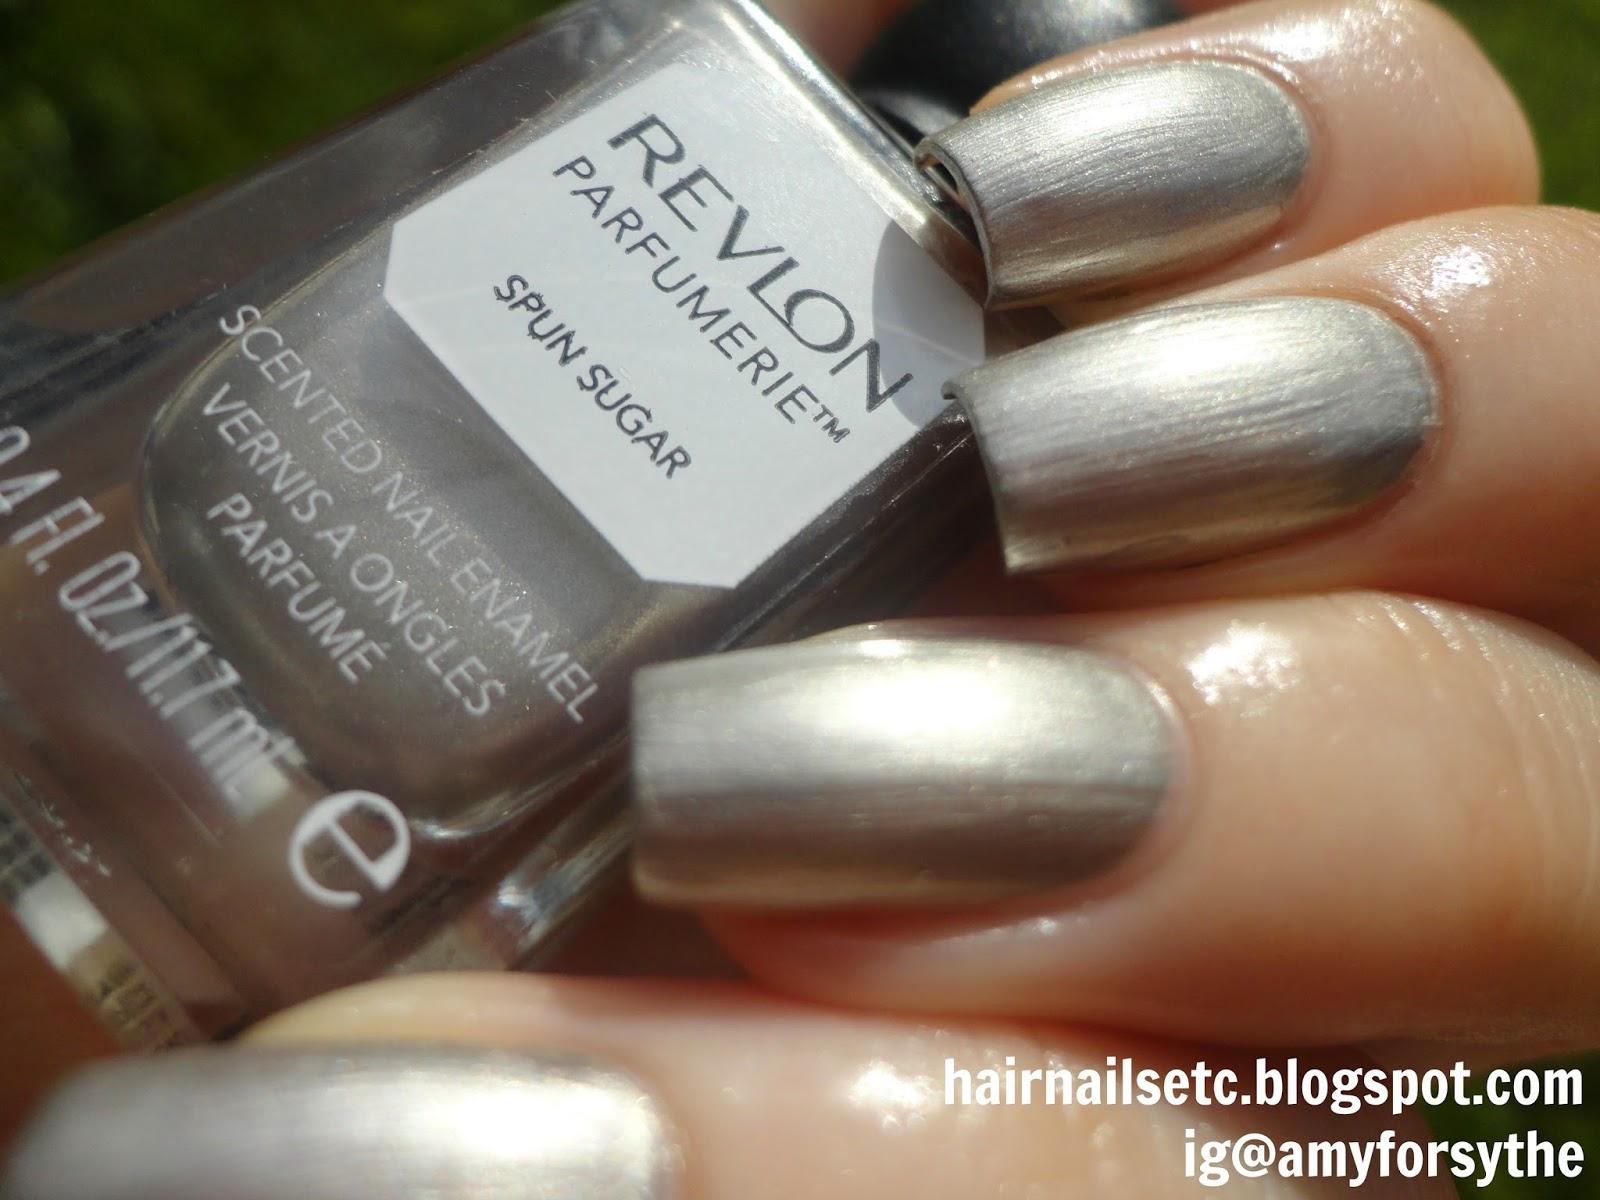 Swatch and review of Revlon Parfumerie Nail Enamel Varnish Polish in Spun Sugar